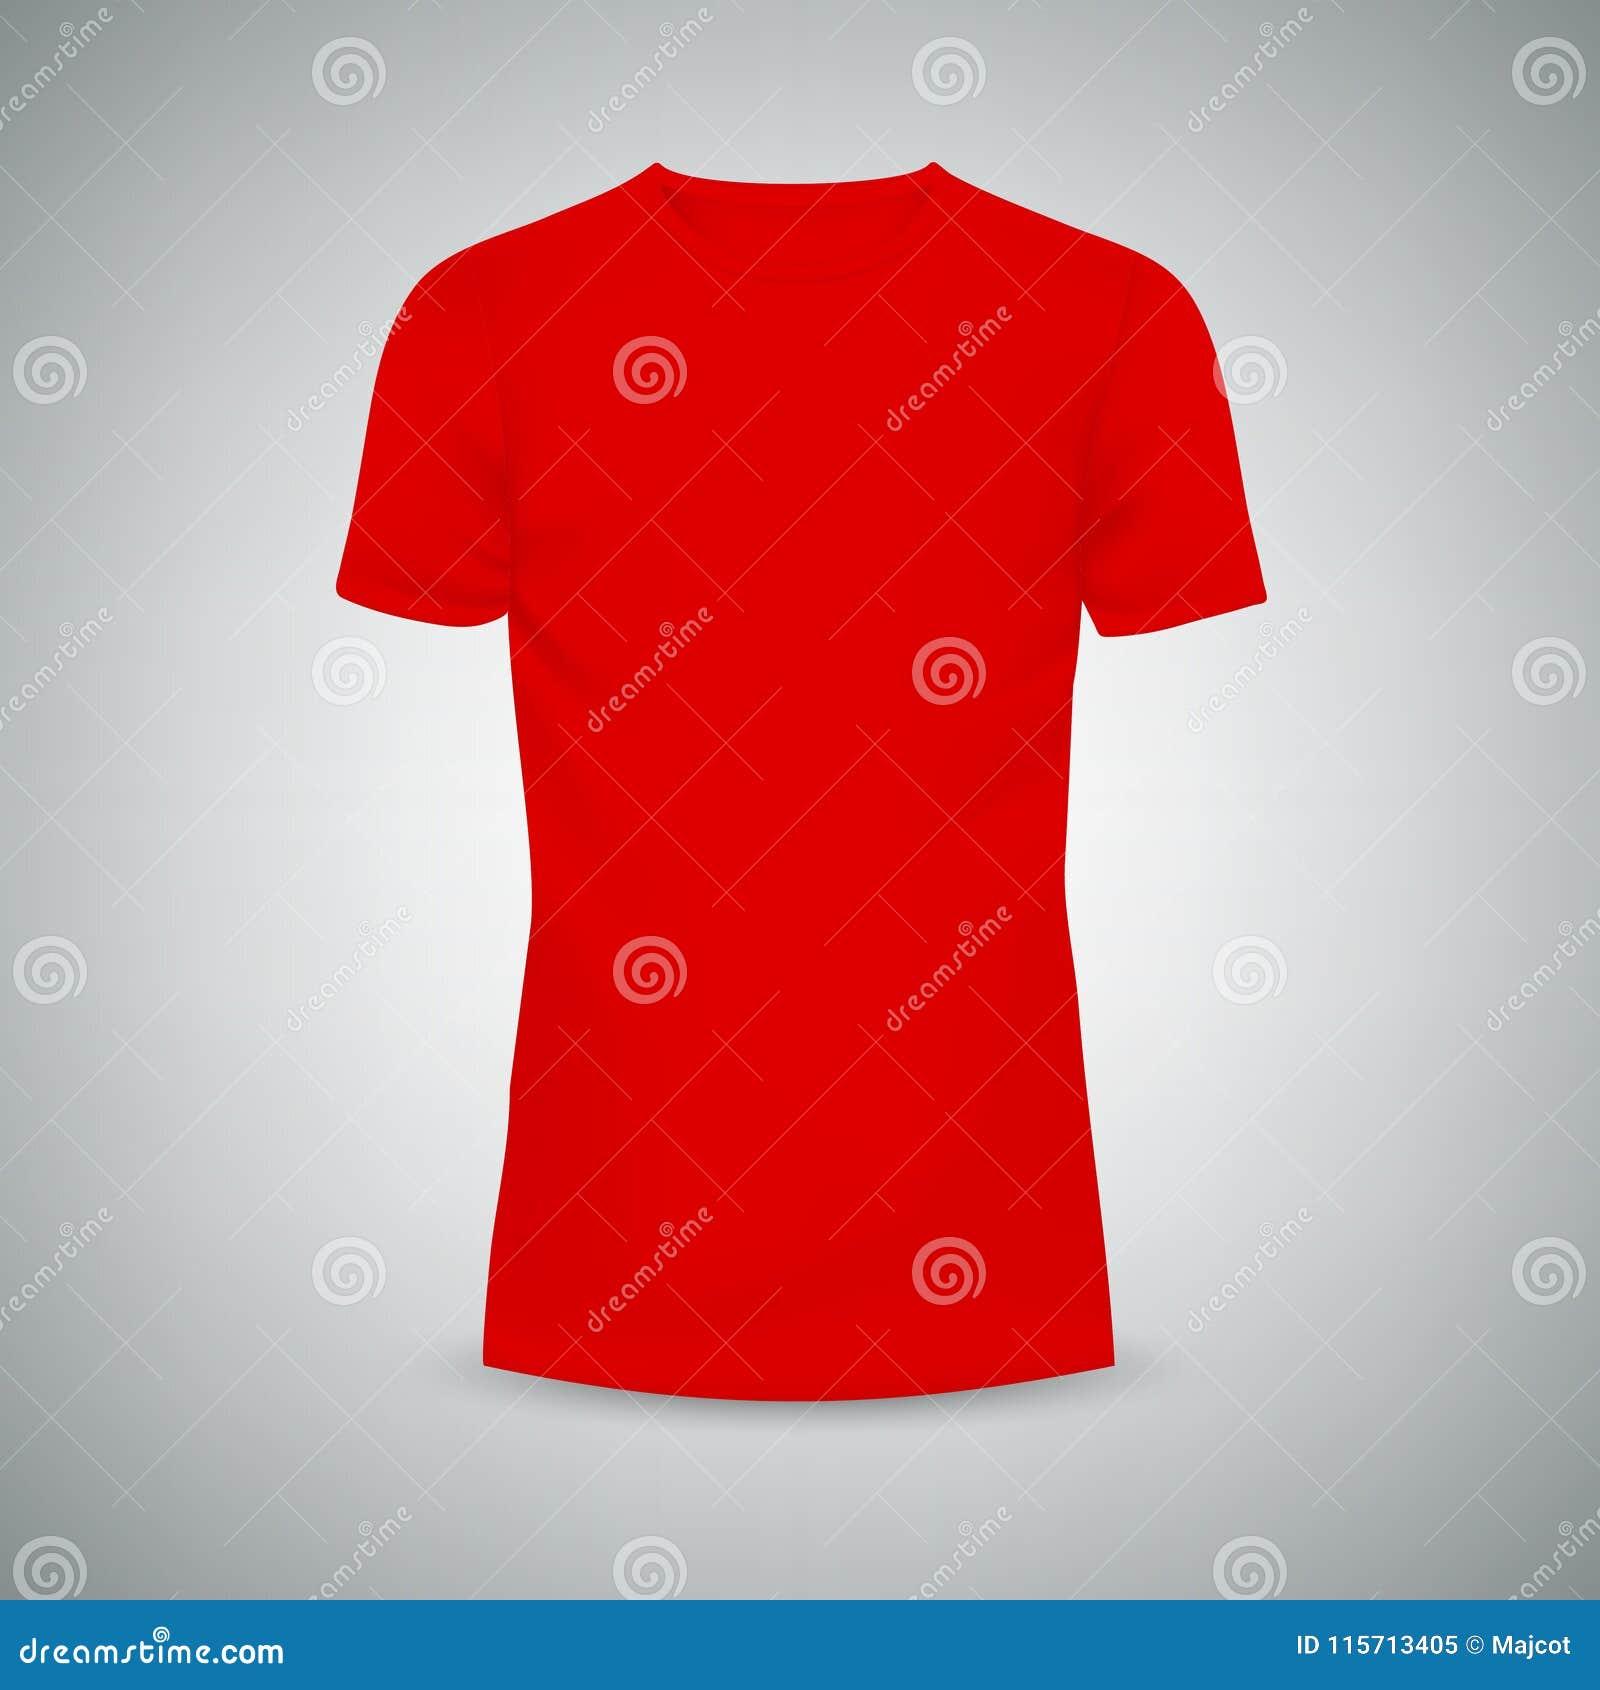 Contemporáneo Plantillas De Maqueta De Camiseta Modelo - Ejemplo De ...